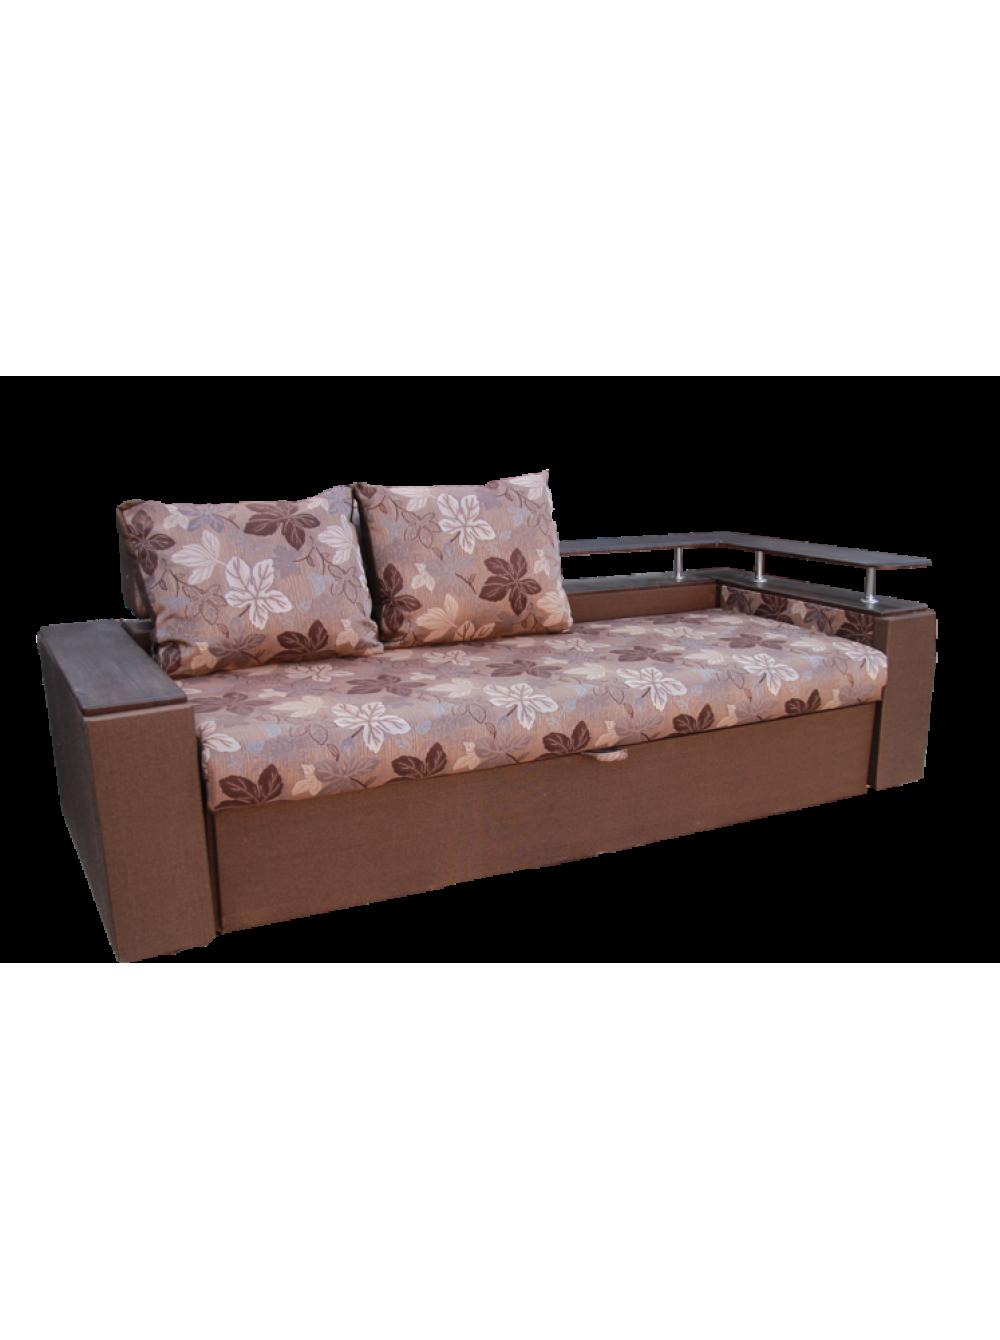 купить диван престиж со склада в днепре доставка по всей украине